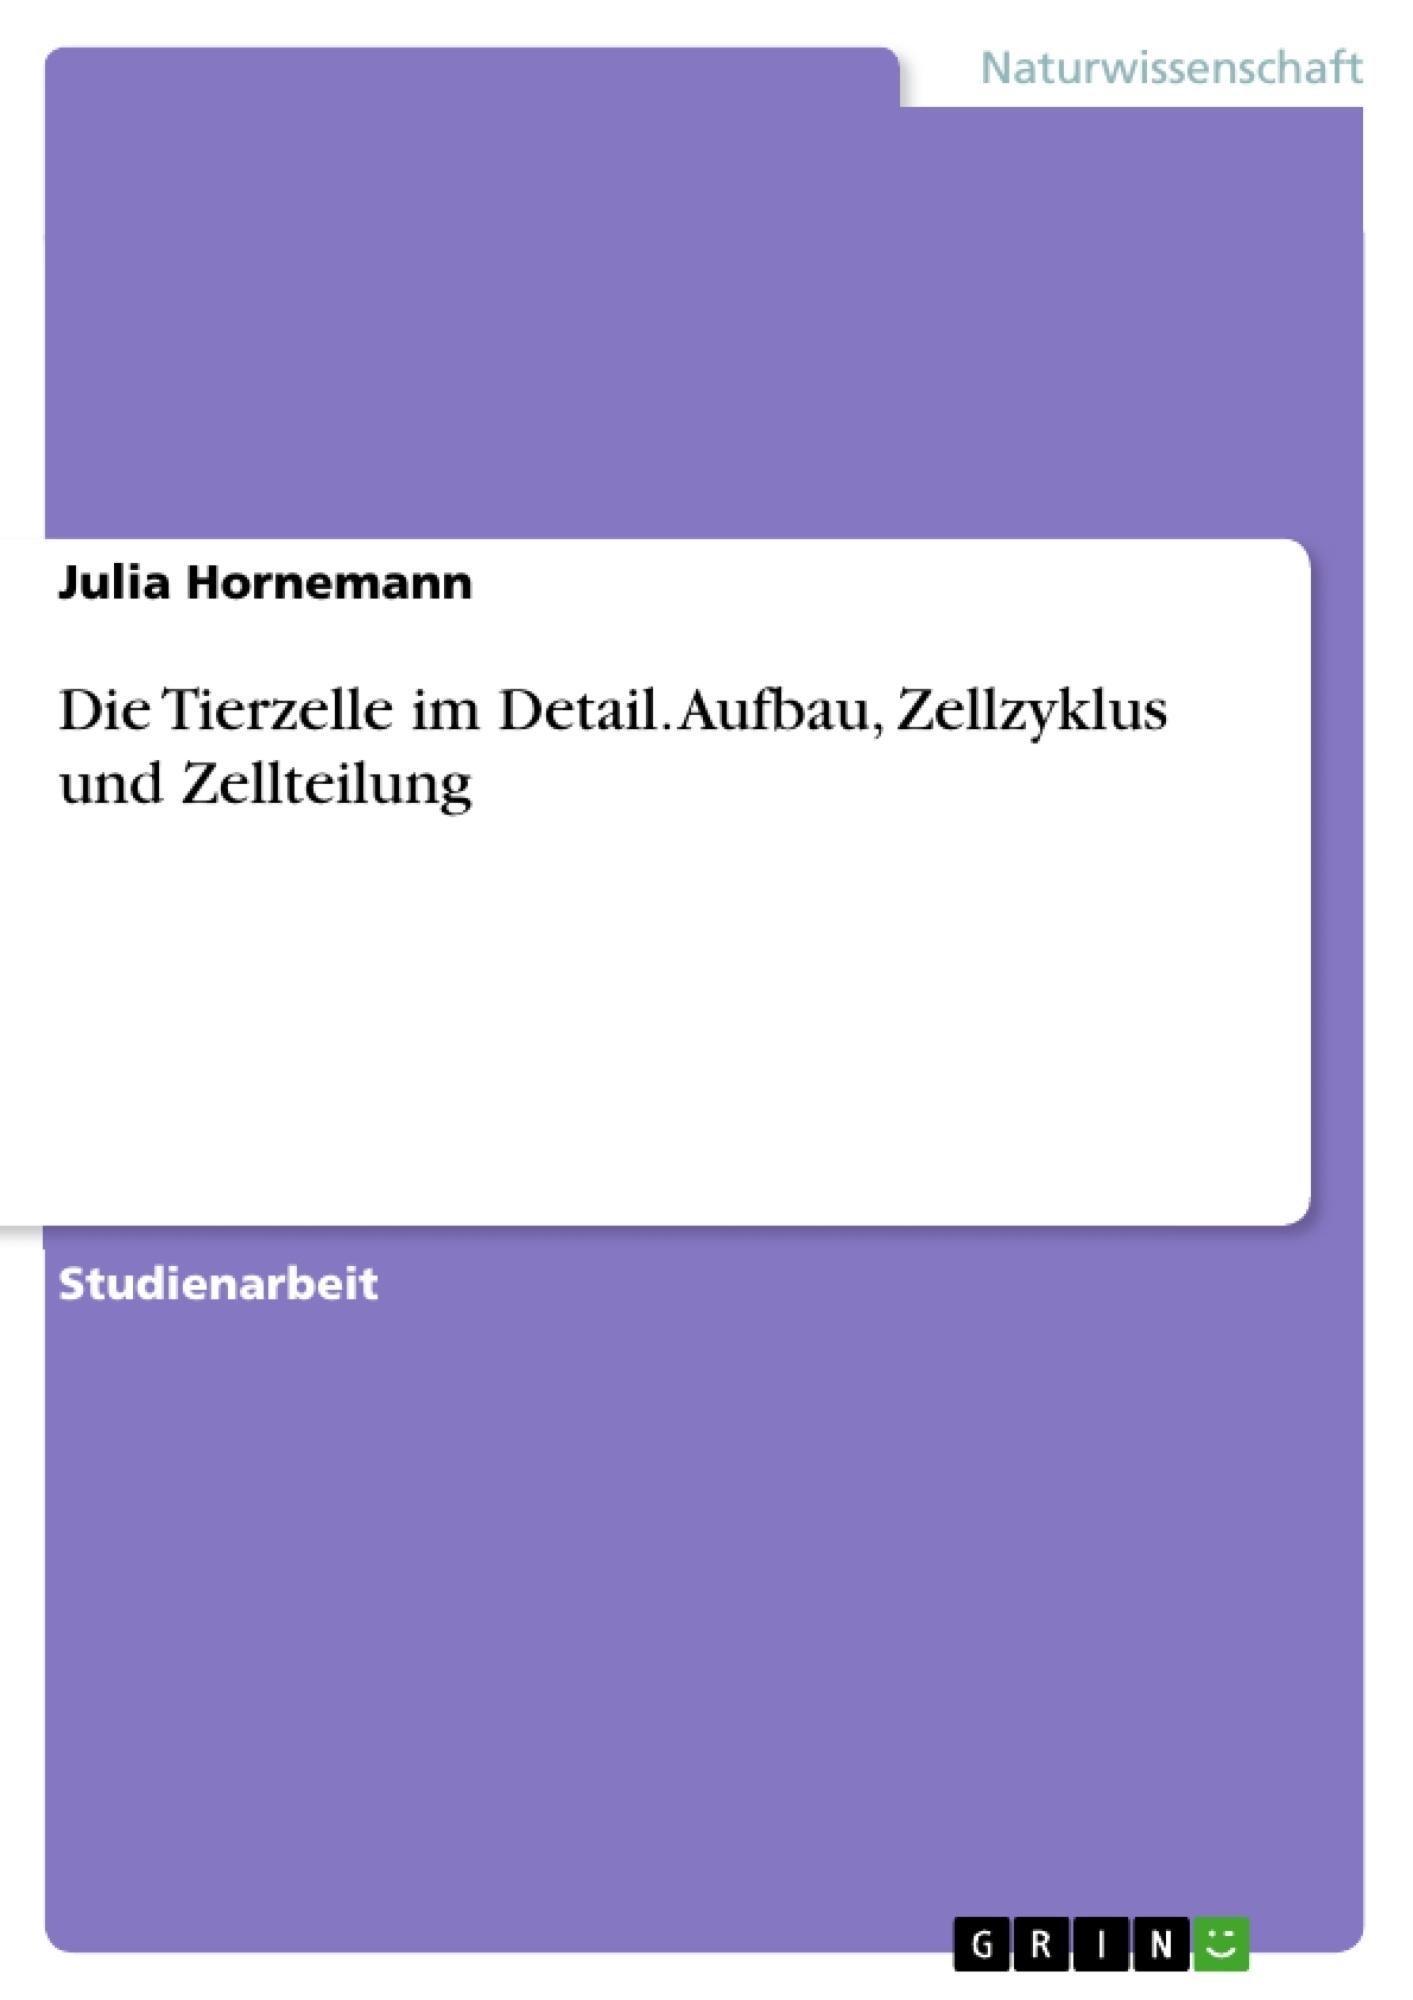 Titel: Die Tierzelle im Detail. Aufbau, Zellzyklus und Zellteilung